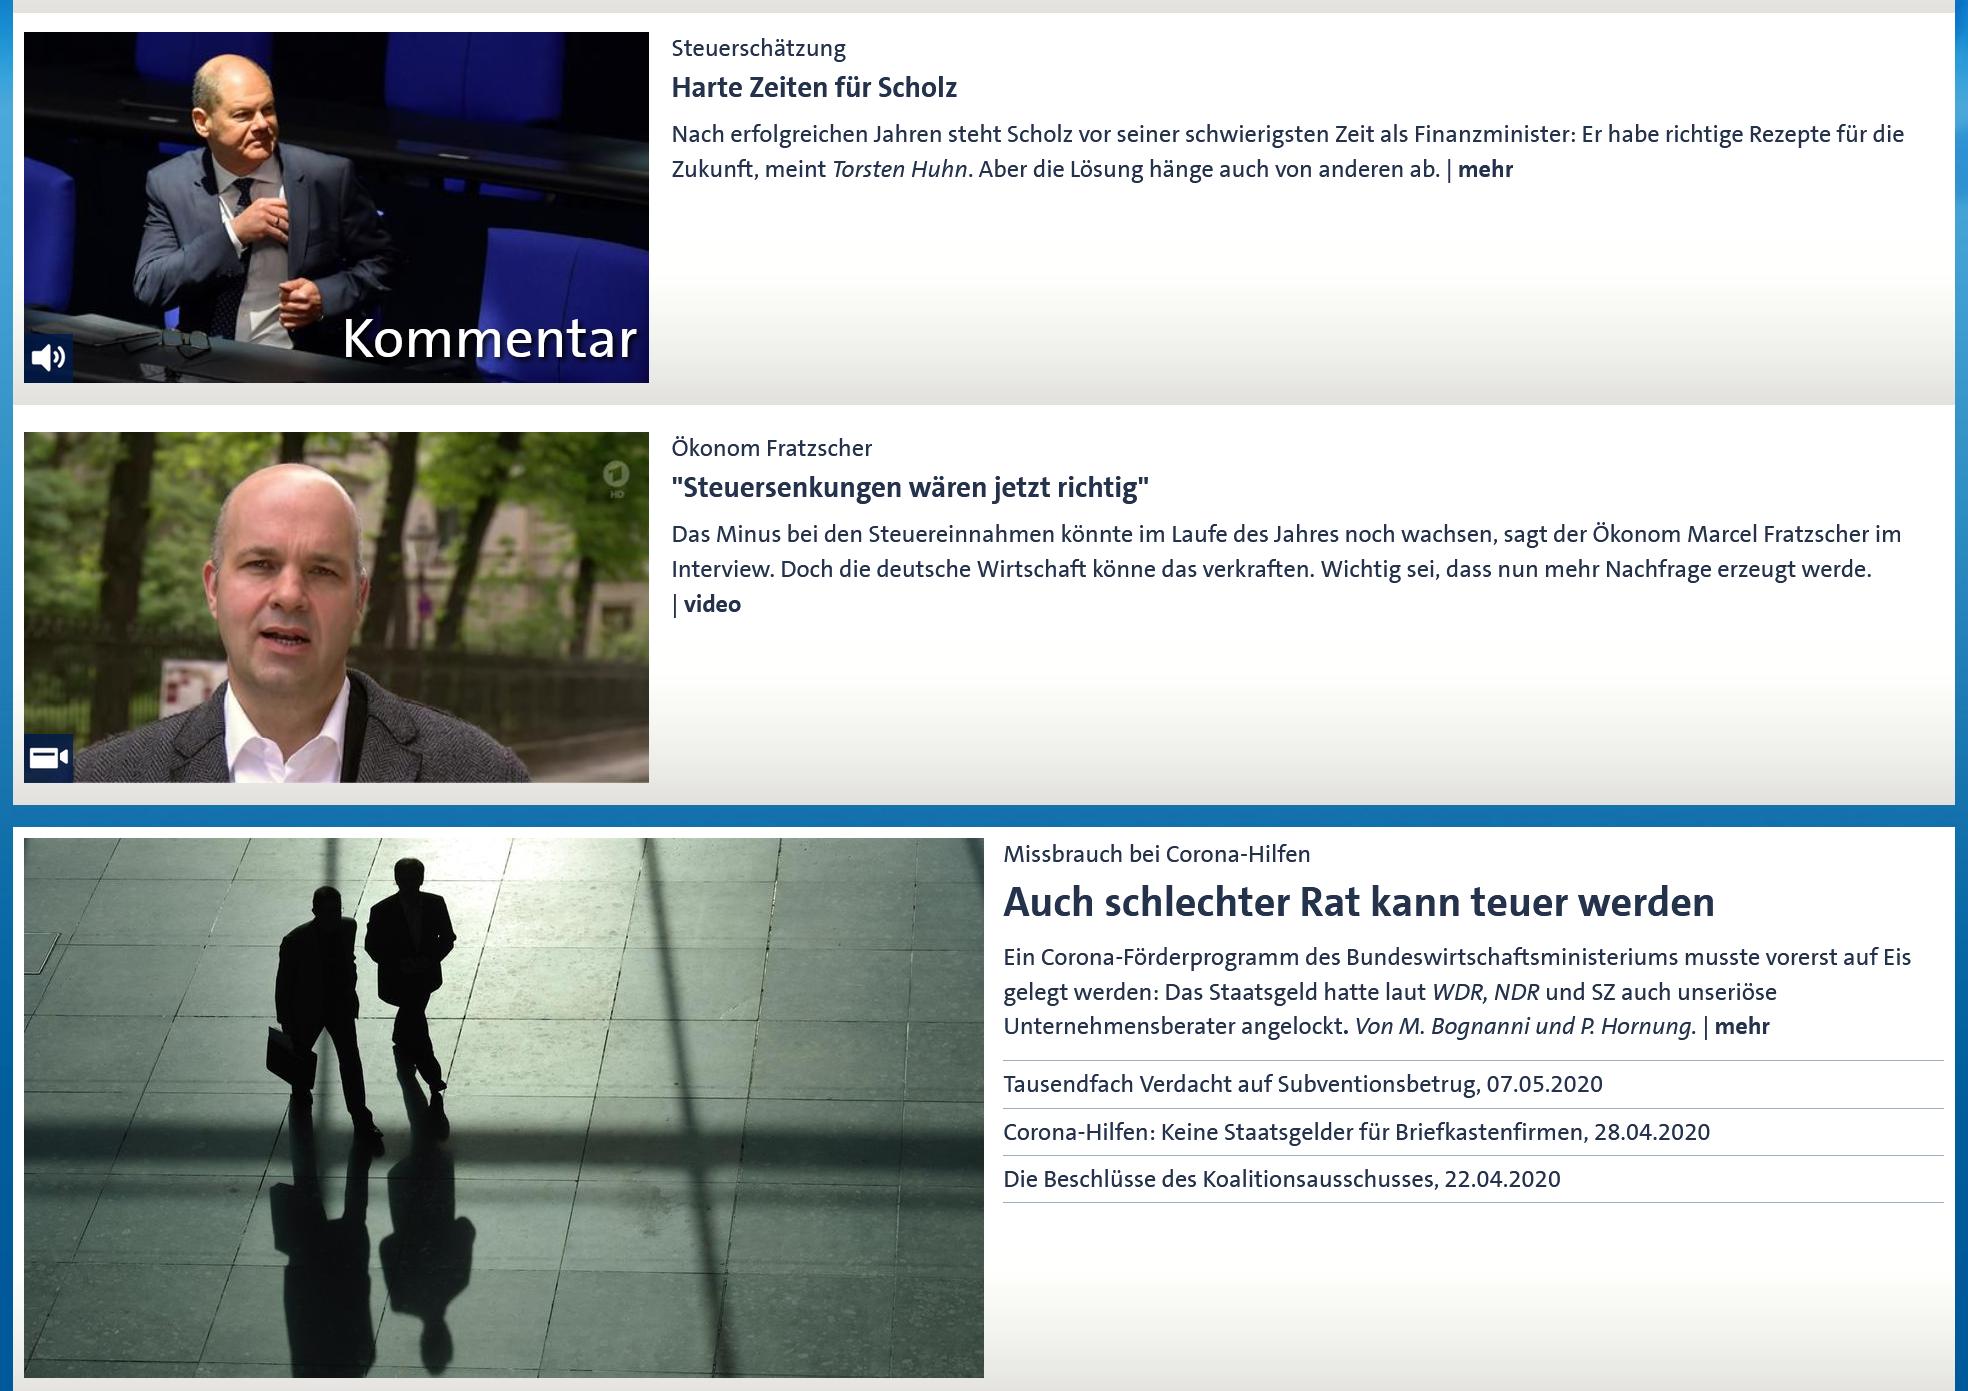 www.tagesschau.de am 14.5.2020 um 21:26